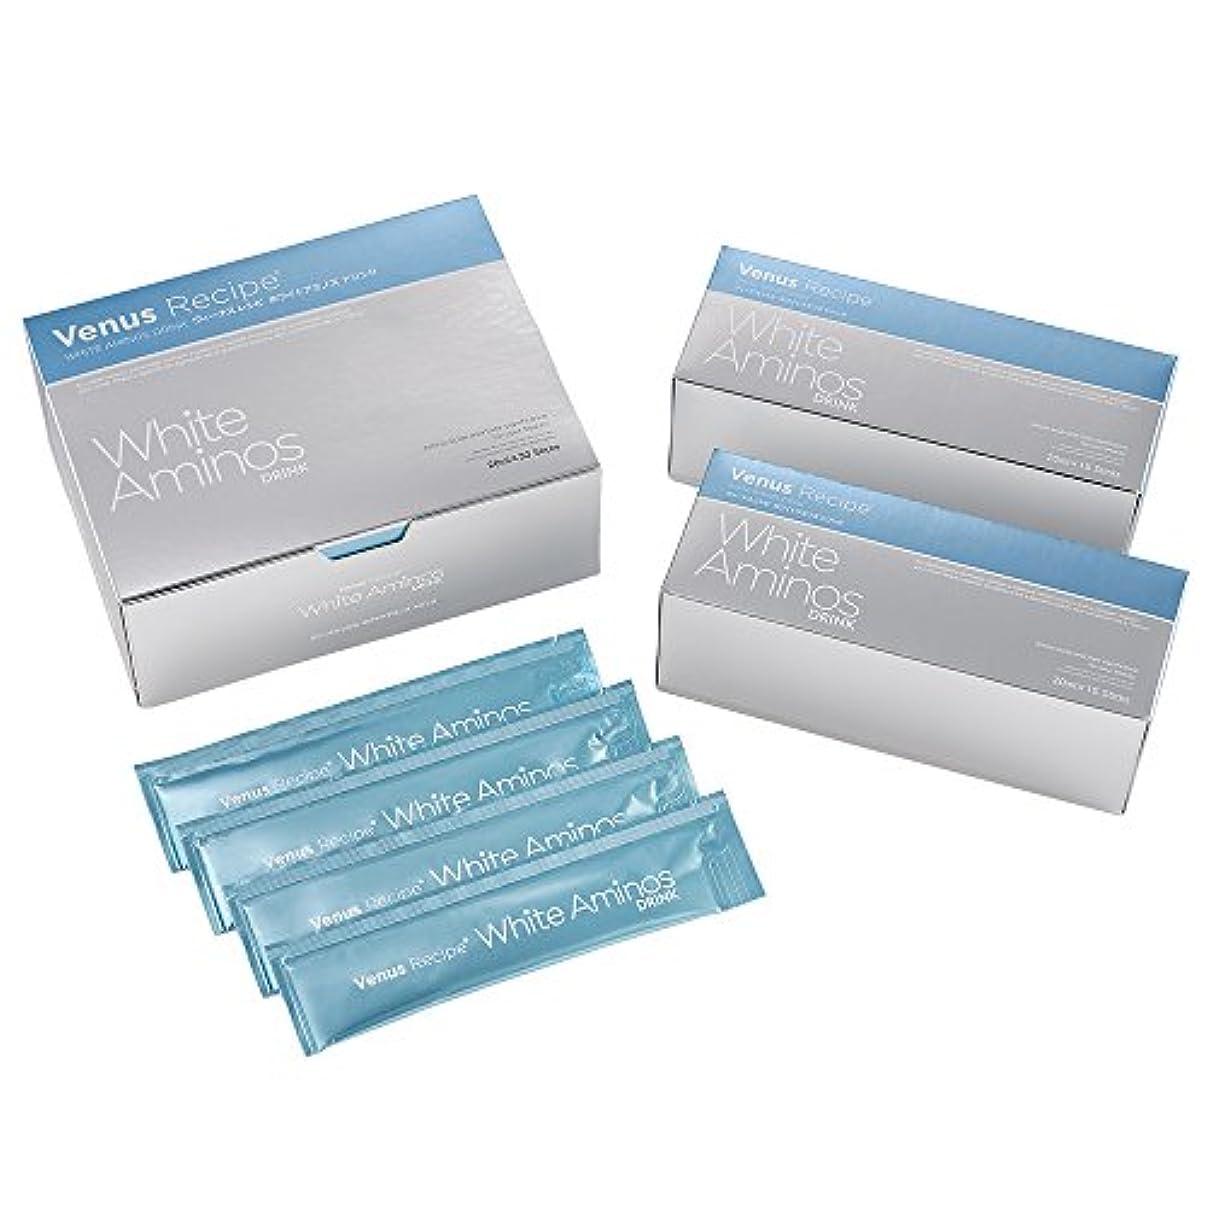 推進アイザック華氏アクシージア (AXXZIA) ヴィーナスレシピ ホワイトアミノズ ドリンク 600mL(20mL×15包)| 美容ドリンク アミノ酸